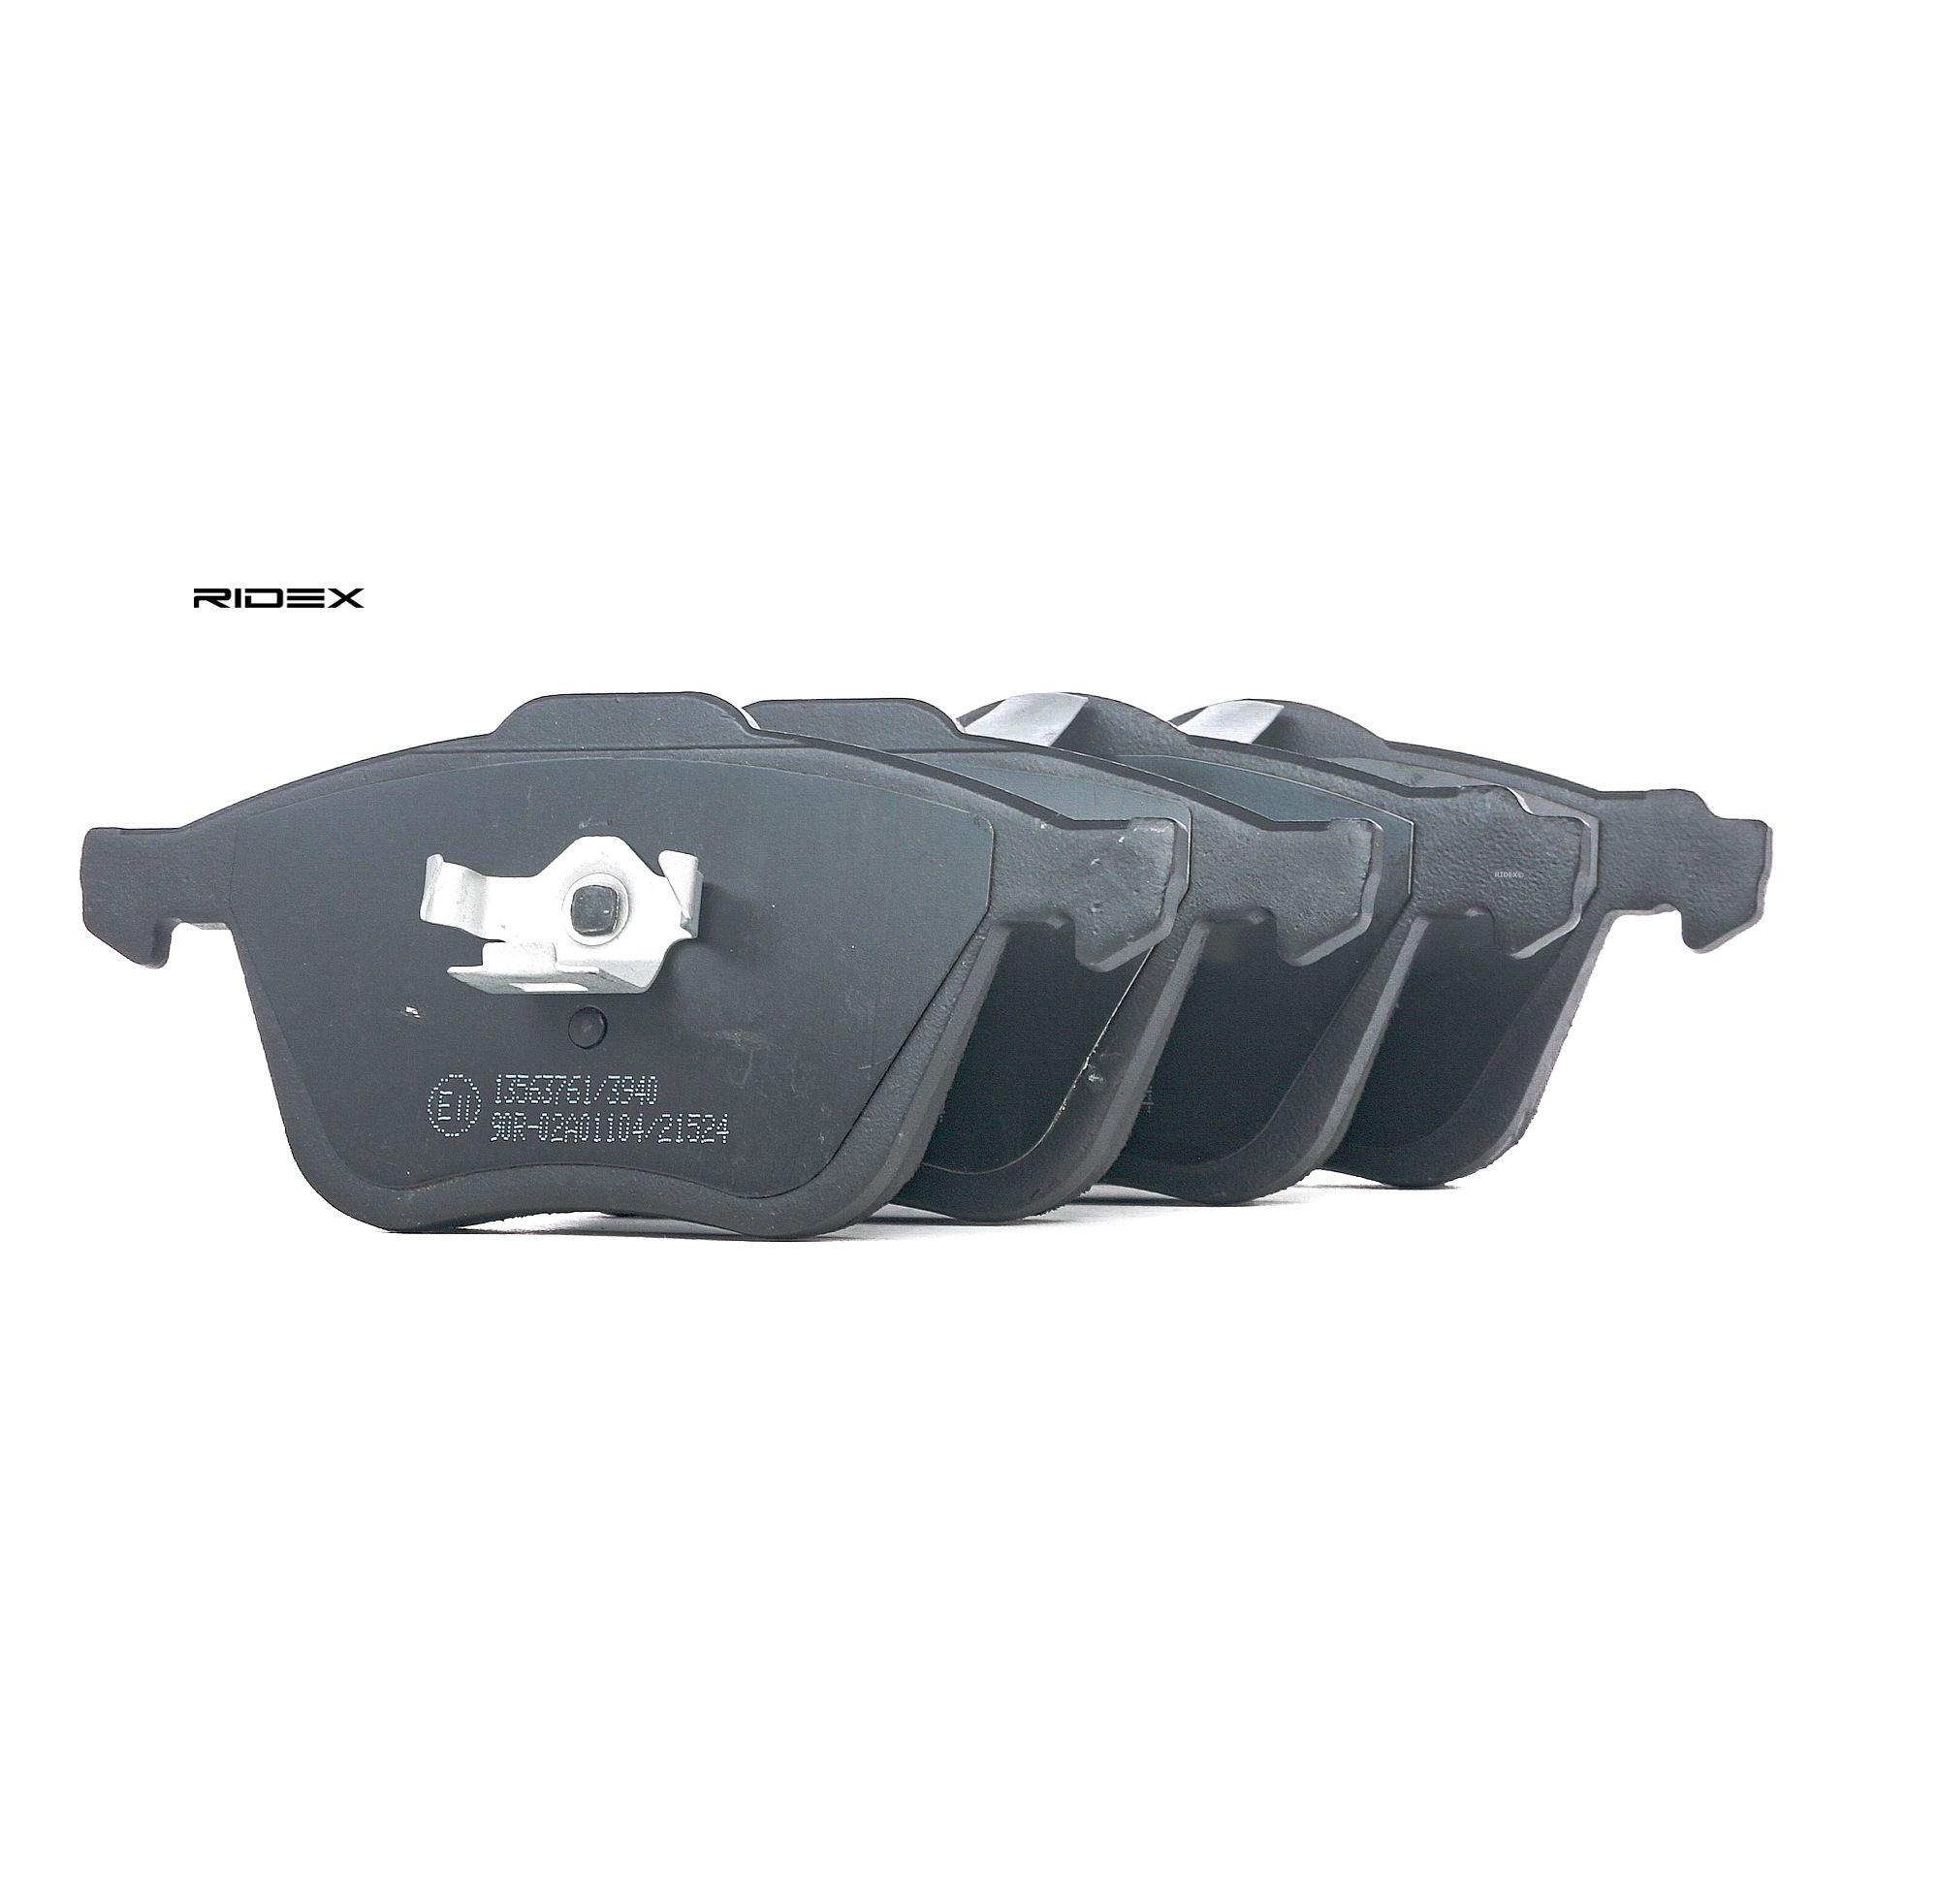 402B1290 RIDEX Vorderachse Höhe 1: 71mm, Höhe 2: 72mm, Dicke/Stärke 1: 18,2mm, Dicke/Stärke 2: 19,7mm Bremsbelagsatz, Scheibenbremse 402B1290 günstig kaufen